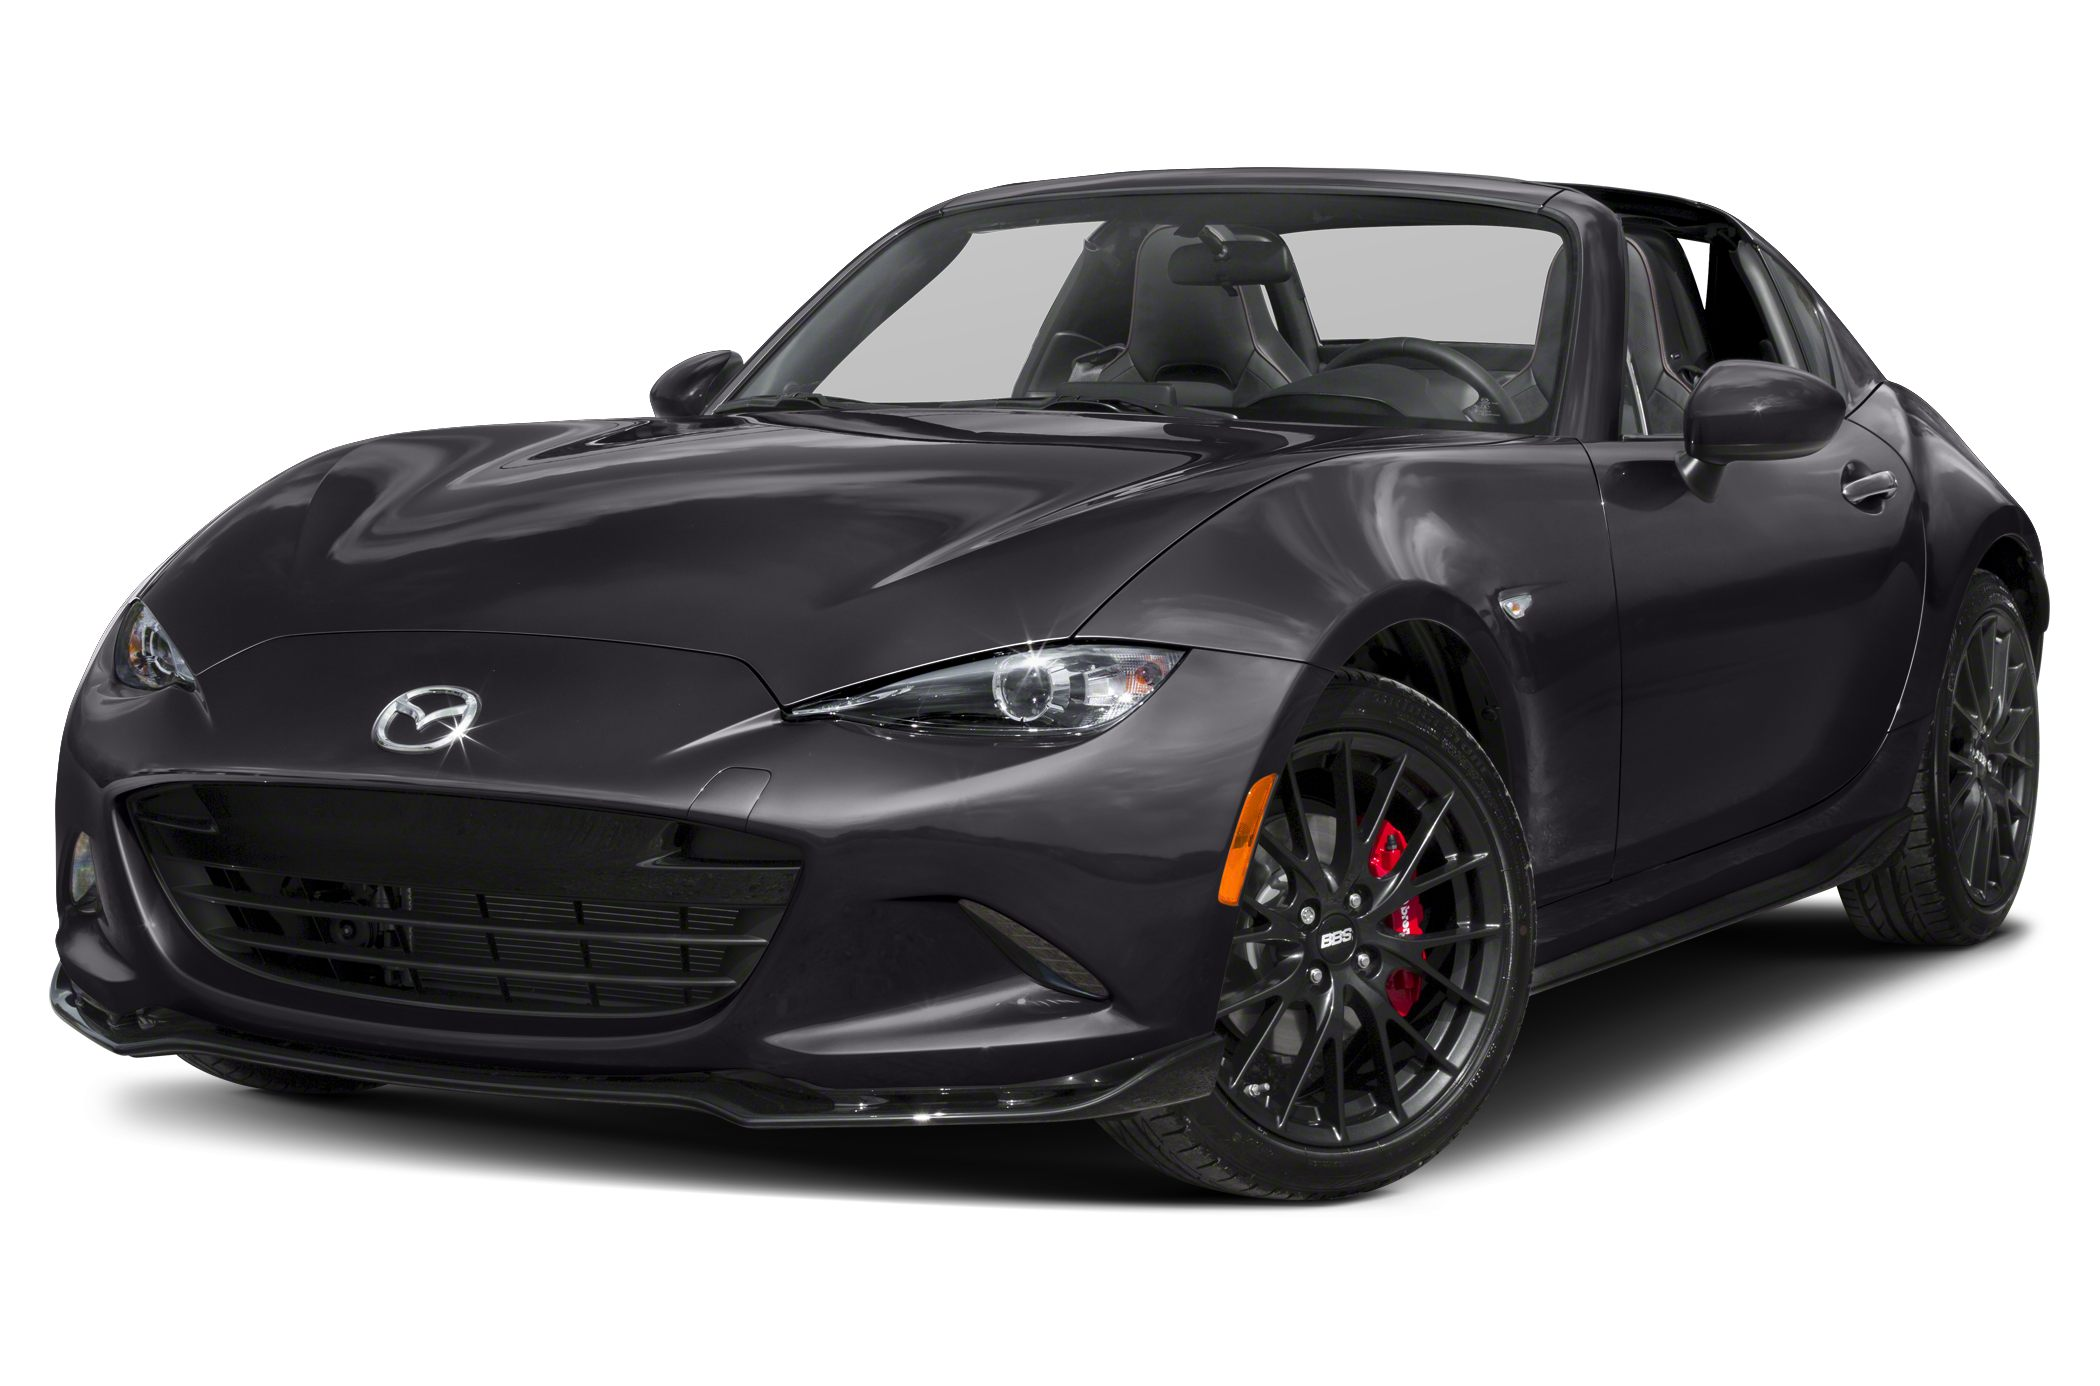 2020 Mazda Miata Price, Design and Review